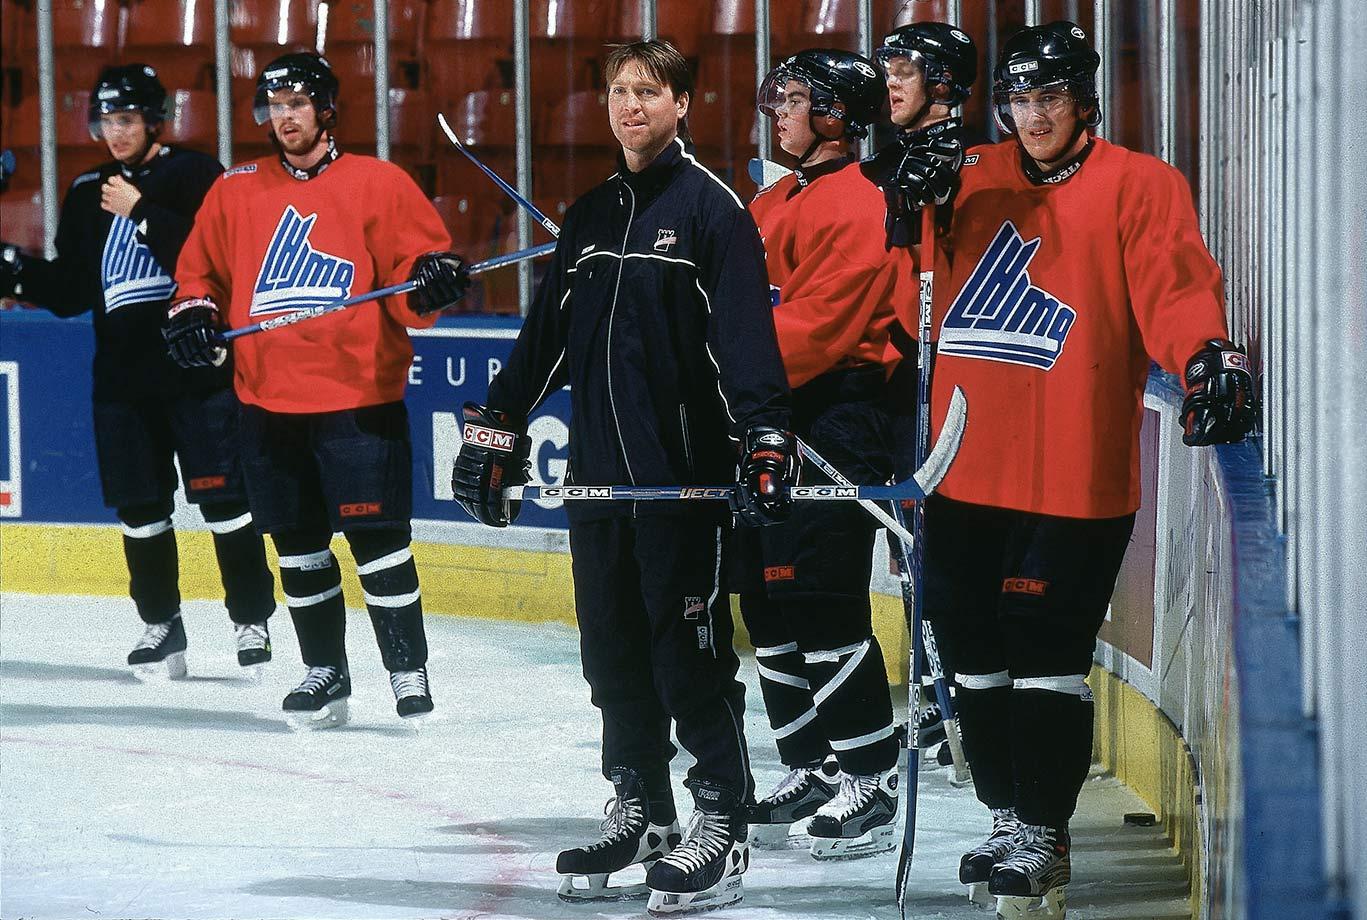 Nov. 8, 2003 — Quebec Ramarts practice